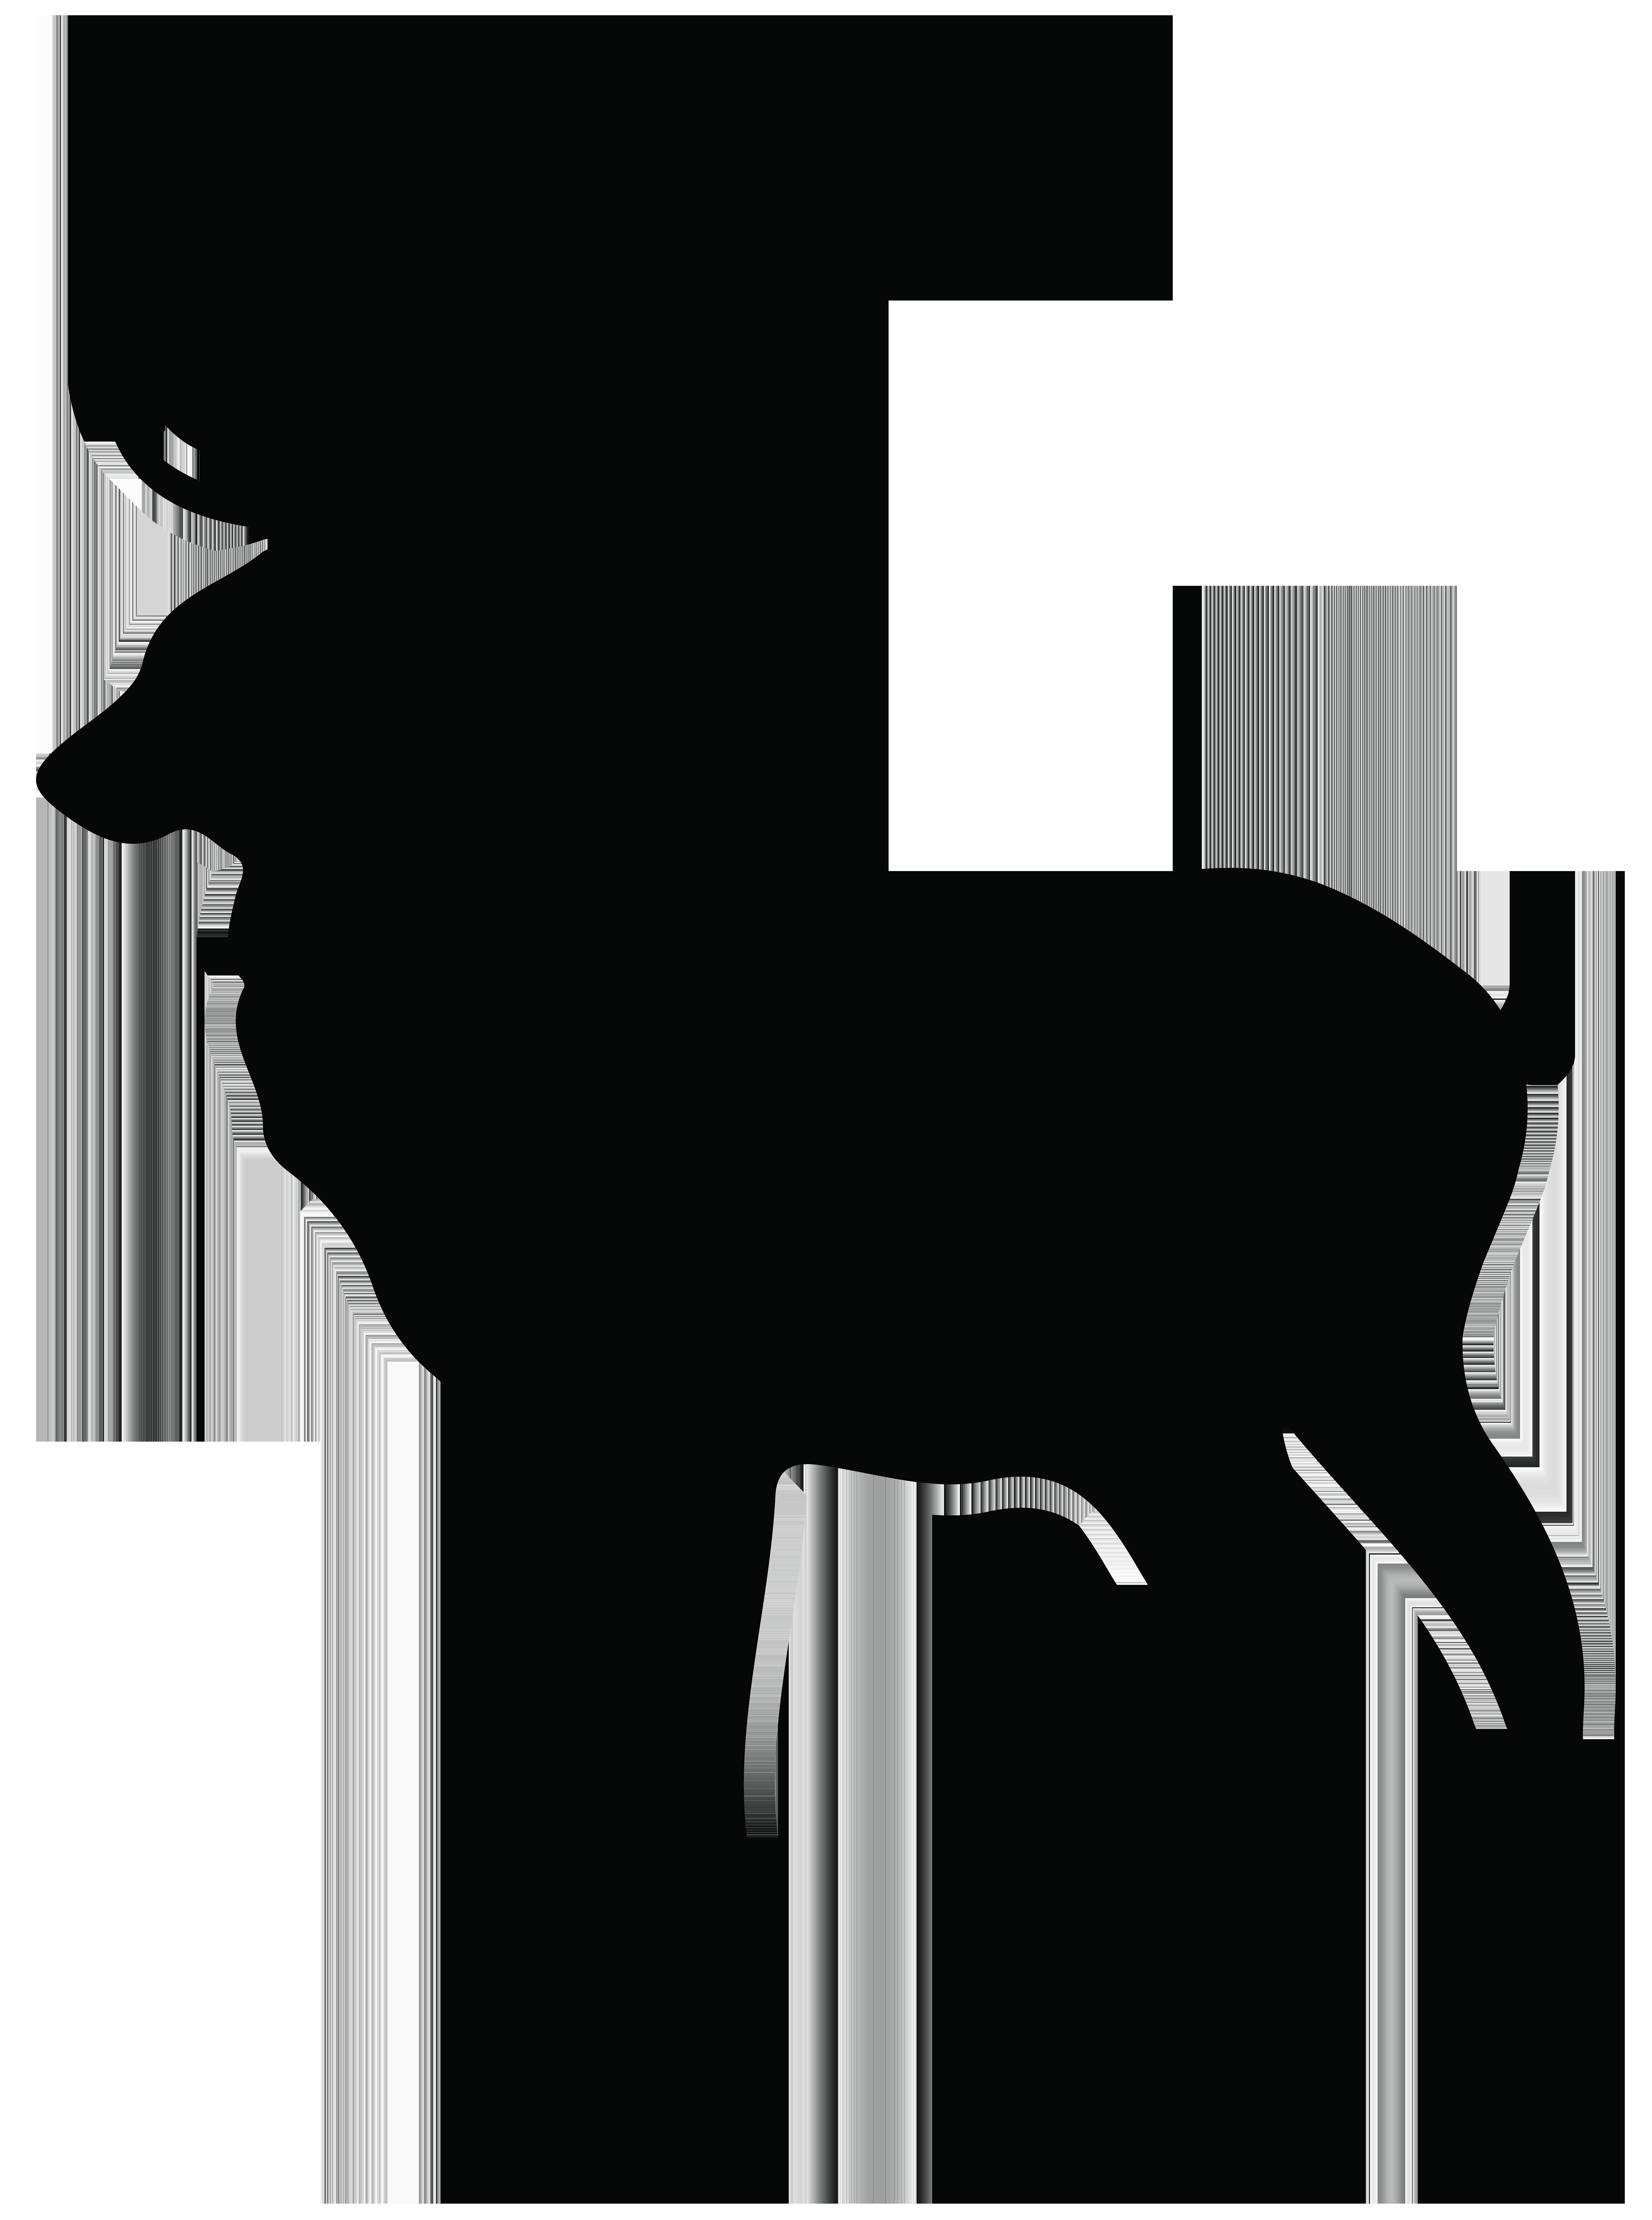 Stag silhouette at getdrawings. Floral clipart deer antler